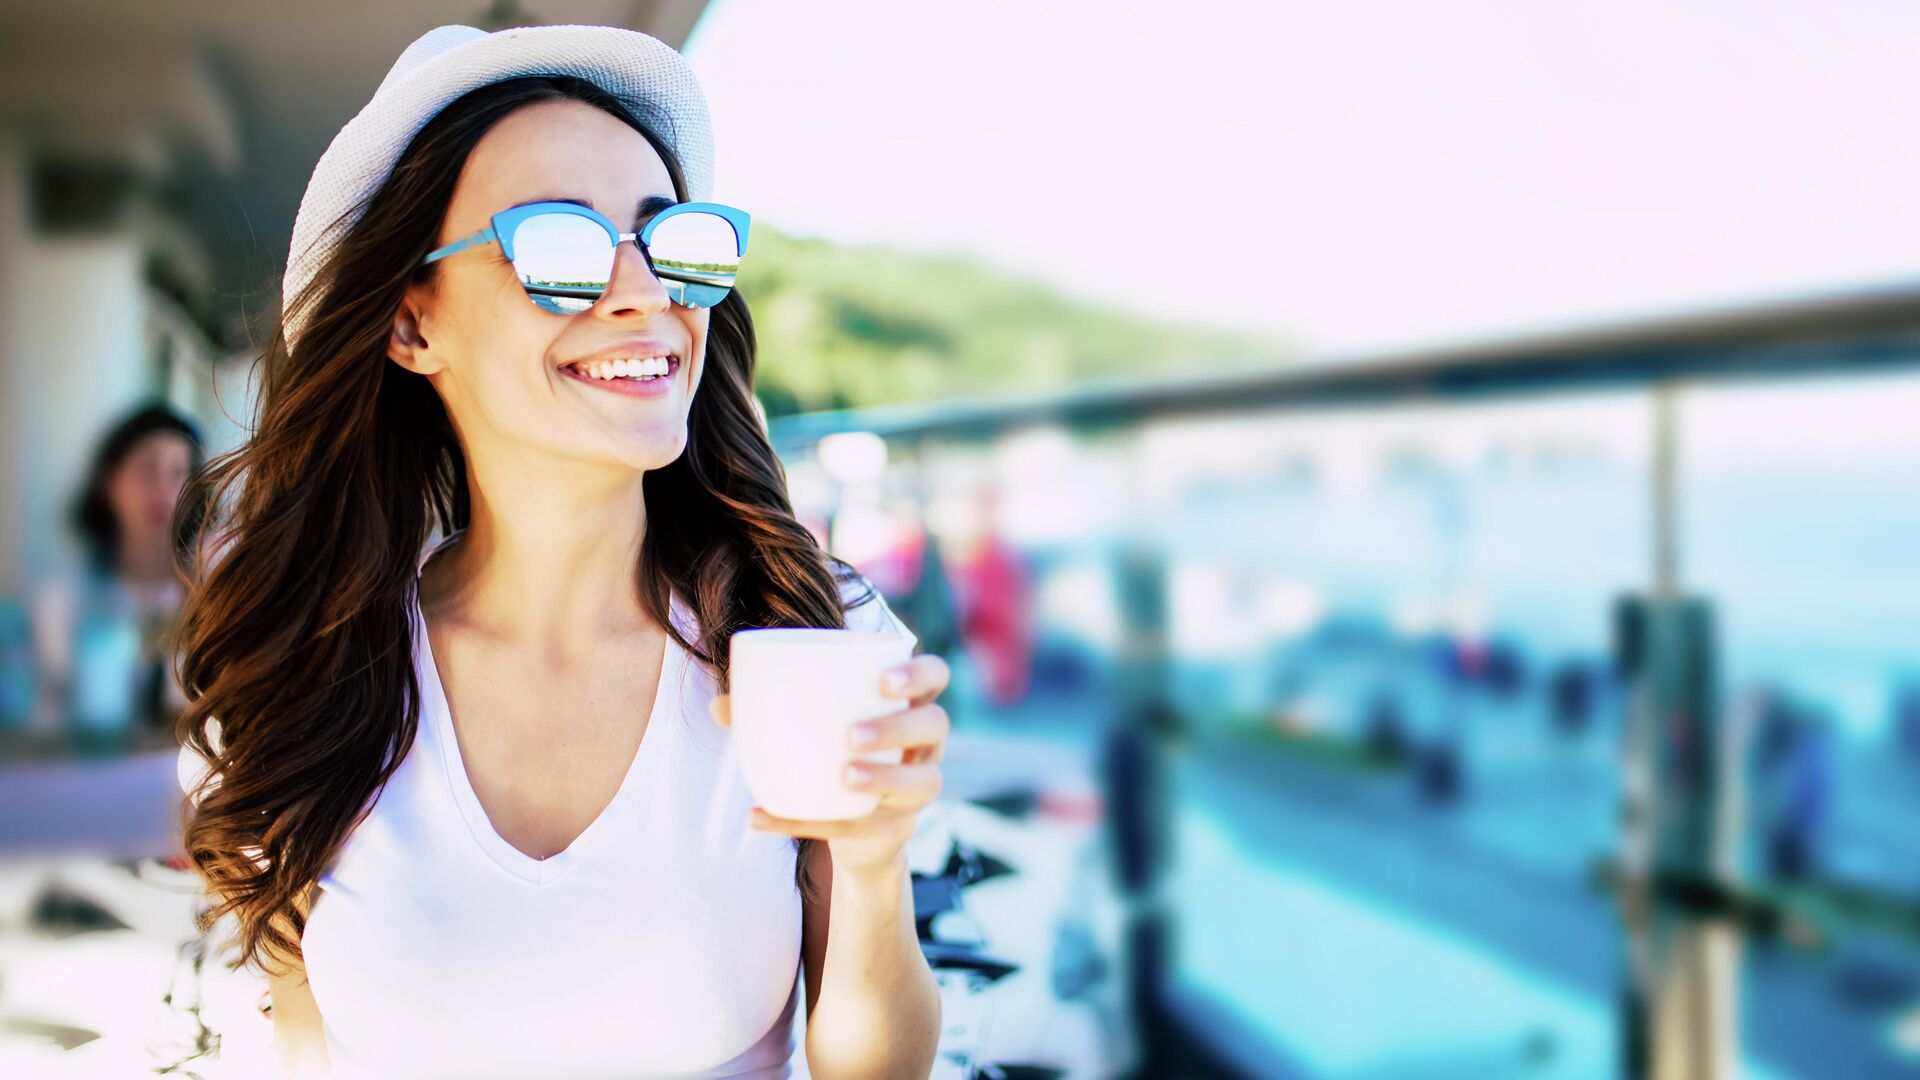 Девушка с чашкой кофе летом - РИА Новости, 1920, 28.06.2021